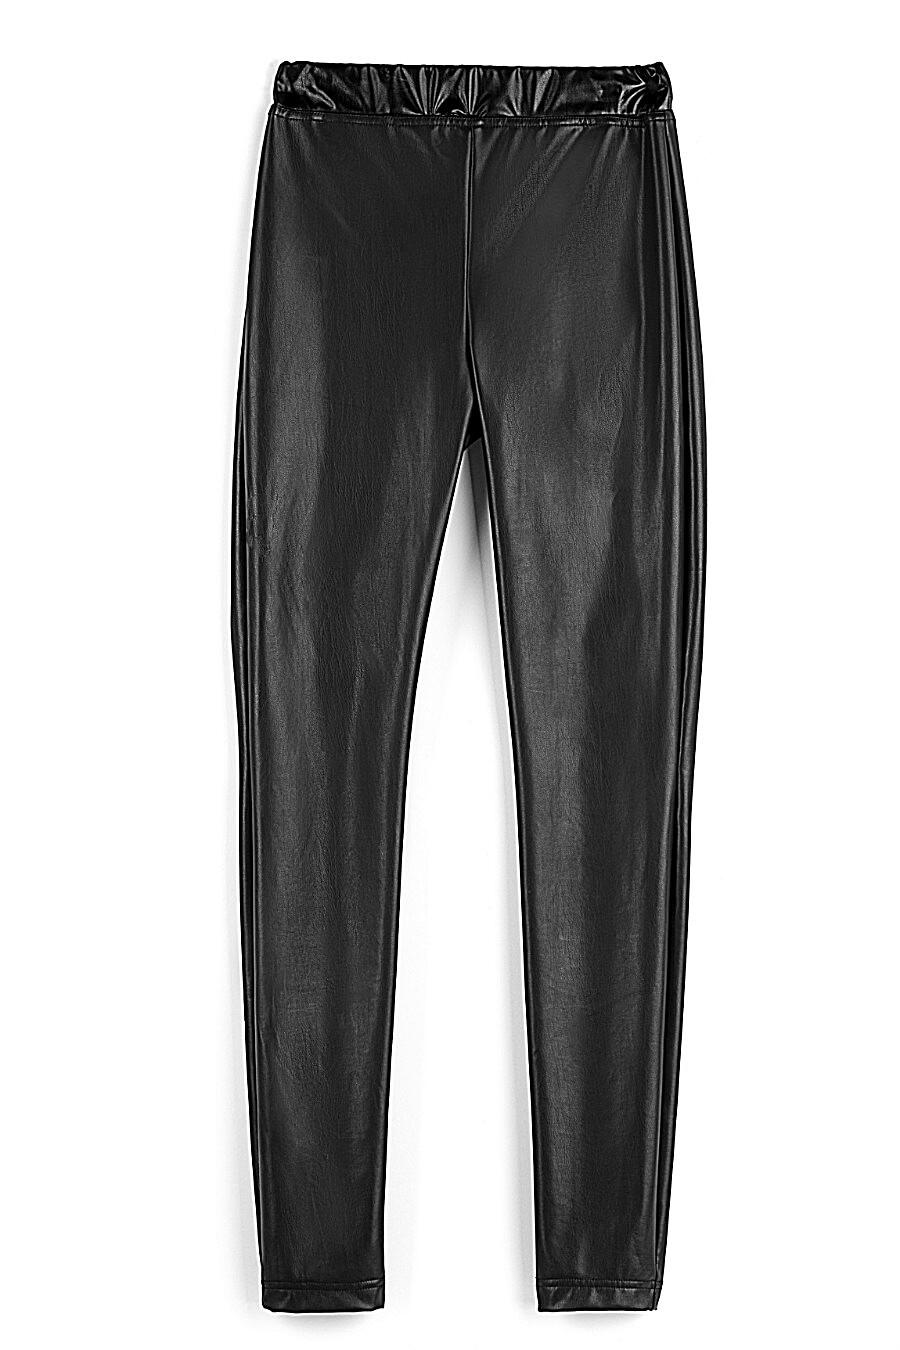 Легинсы CONTE ELEGANT (110240), купить в Moyo.moda